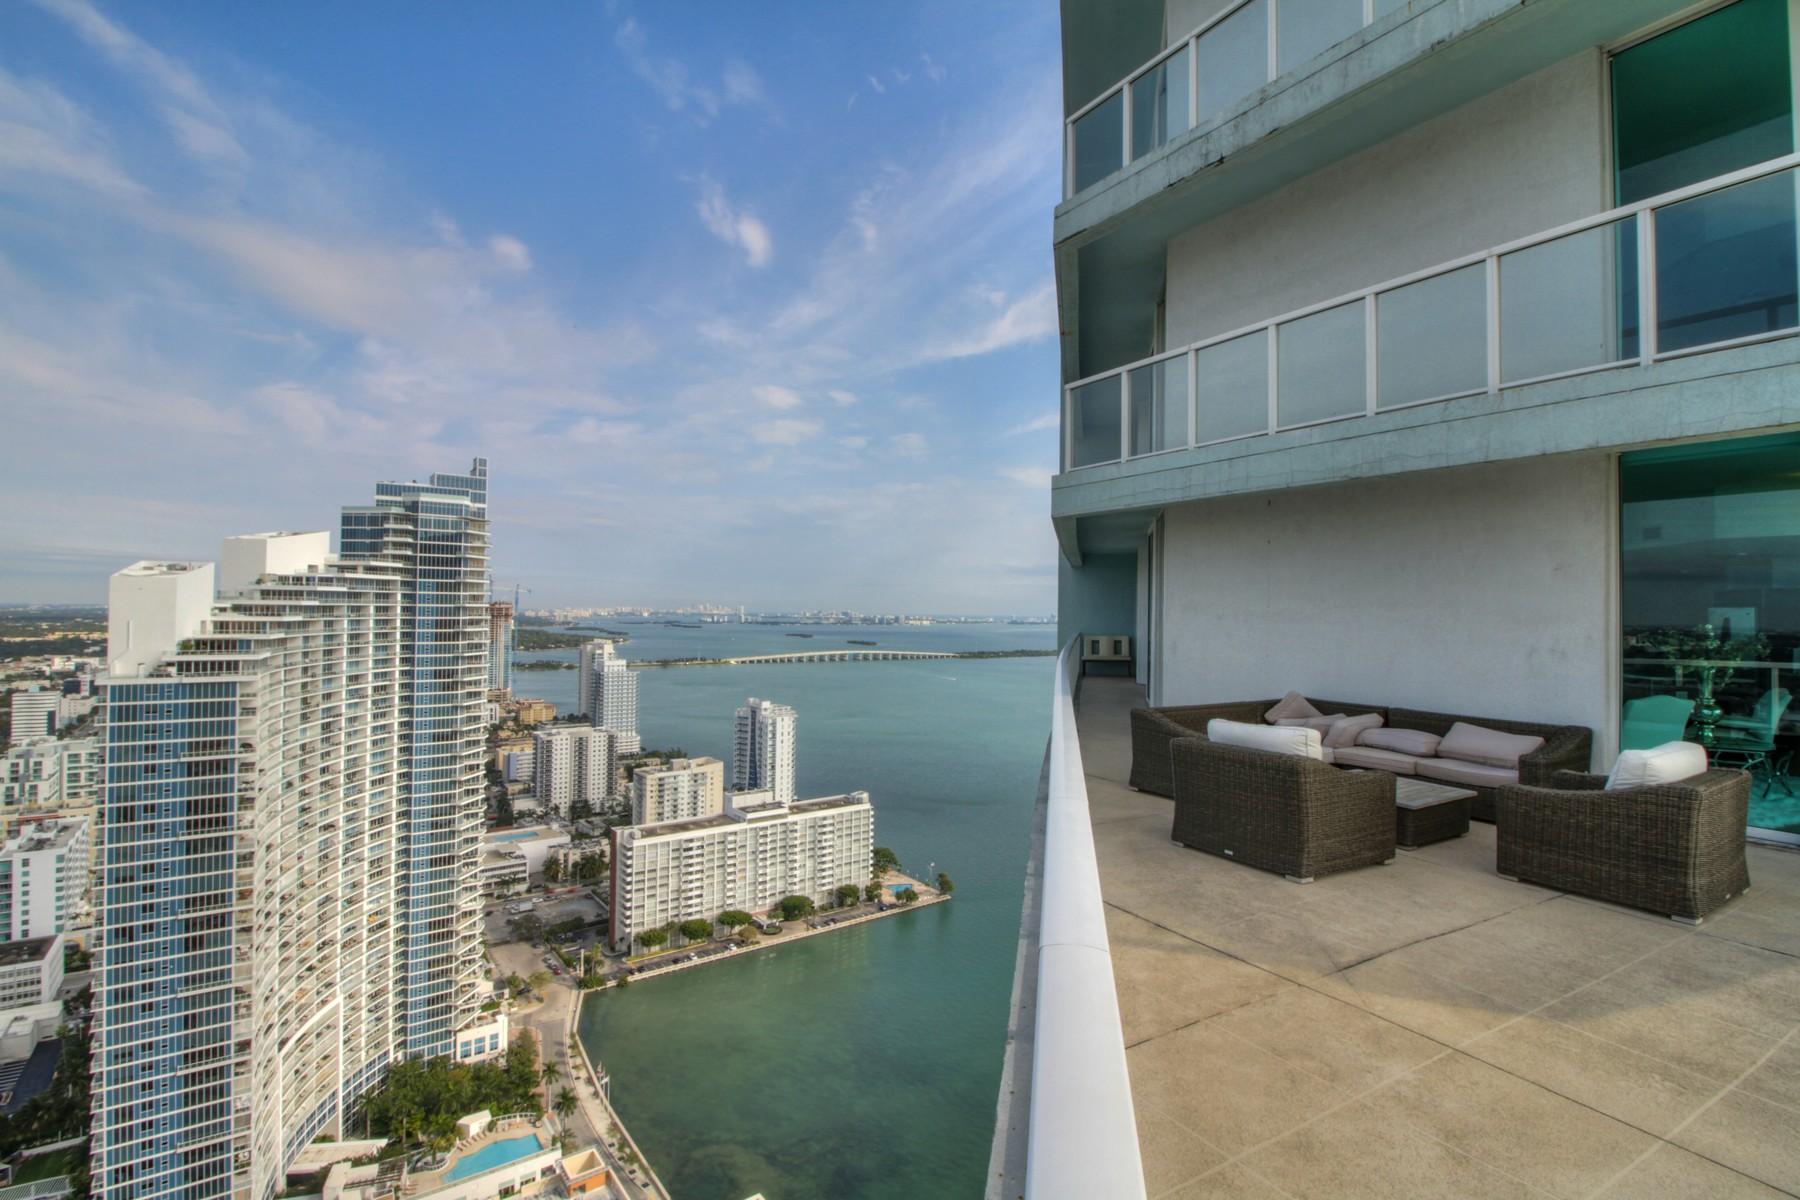 Eigentumswohnung für Verkauf beim 1900 N Bayshore Dr #4214 Miami, FL 33132 1900 N Bayshore Dr 4214 Miami, Florida, 33132 Vereinigte Staaten